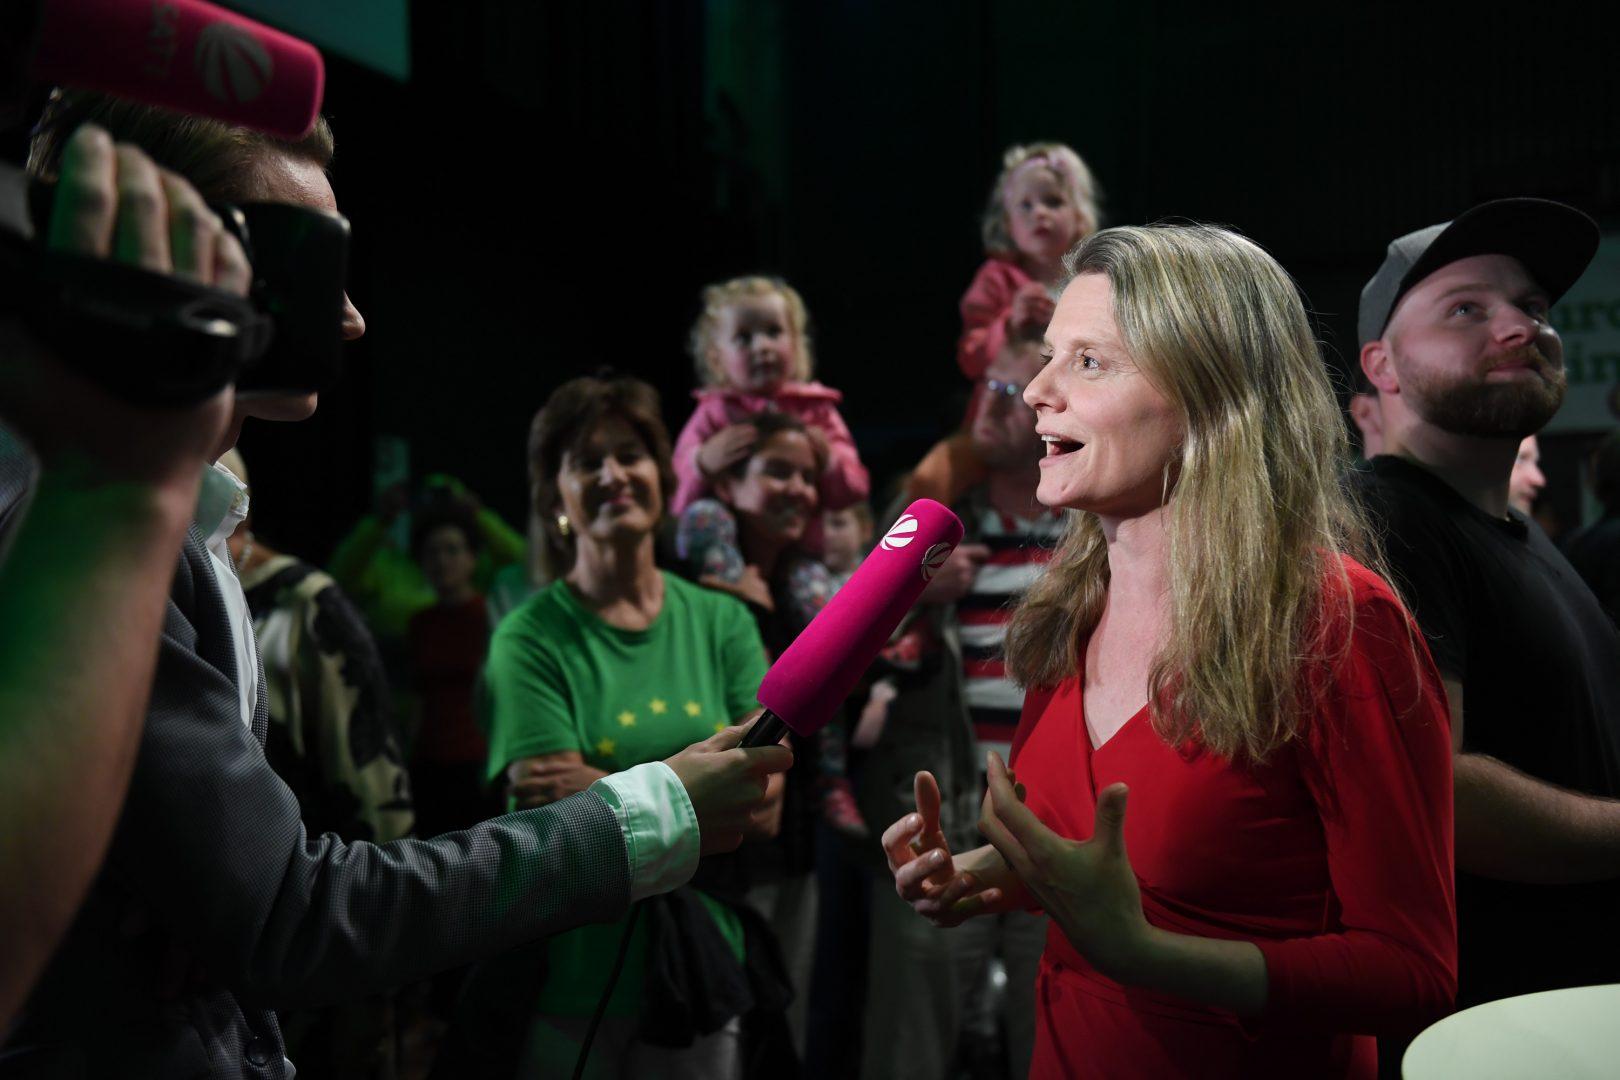 Henrike Hahn gibt nach der Europawahl Interviews